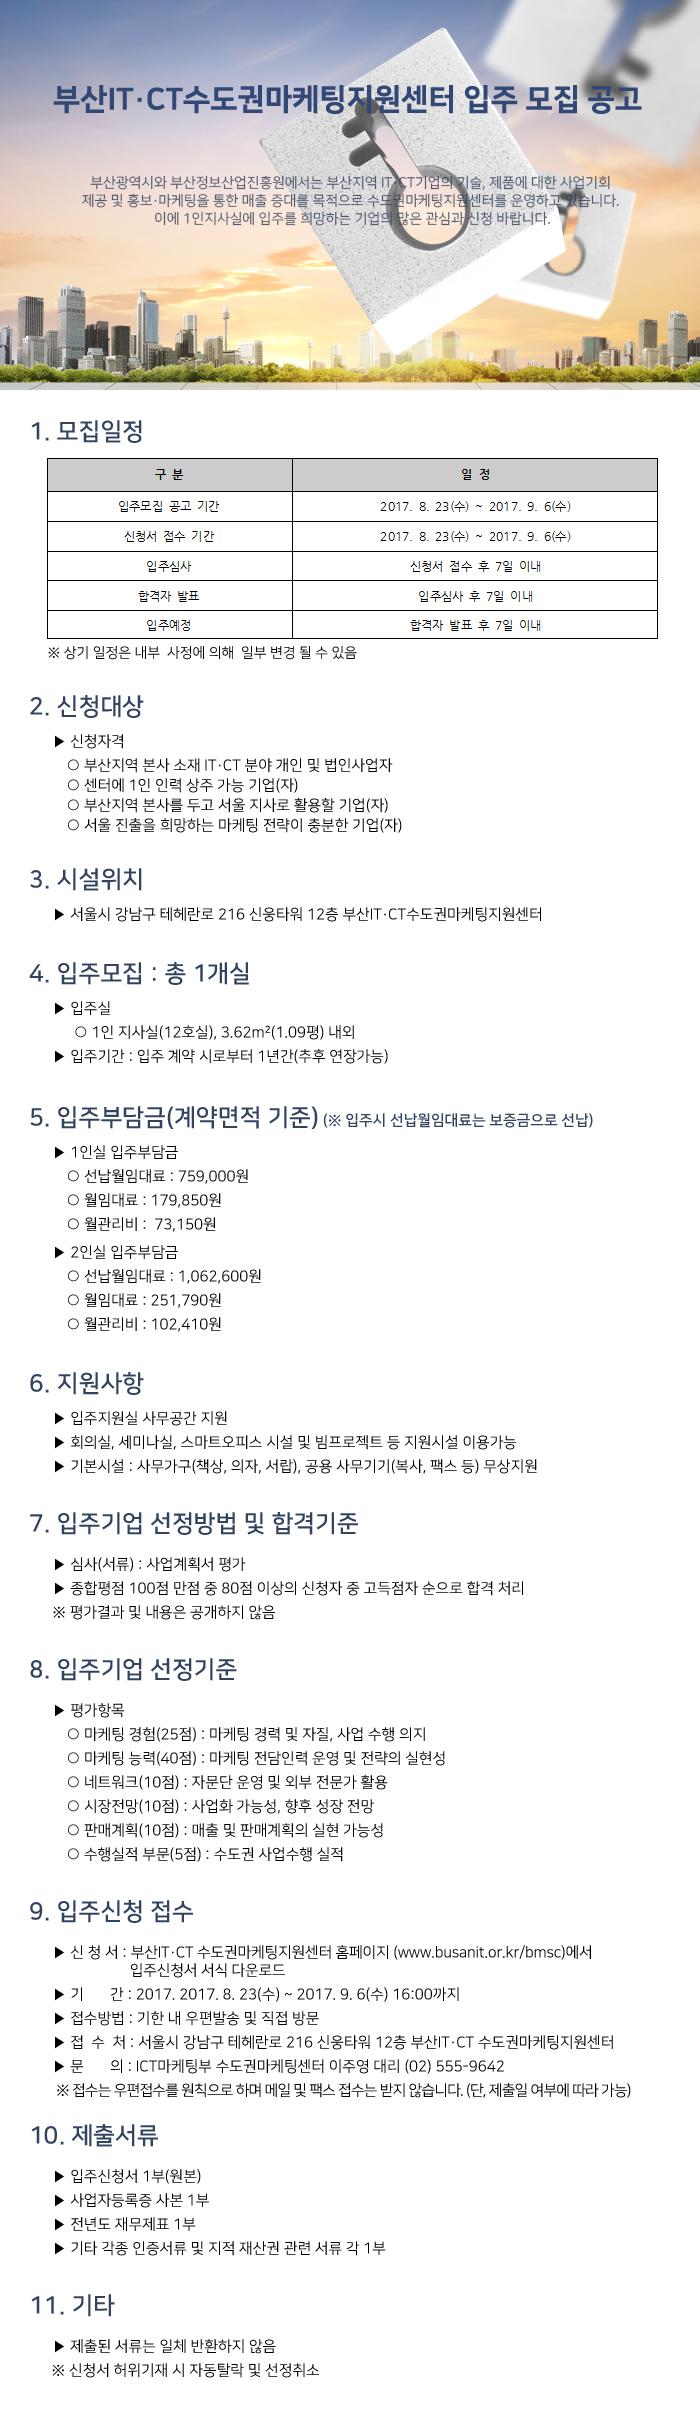 2017년 부산IT·CT수도권마케팅지원센터 5차 입주공고